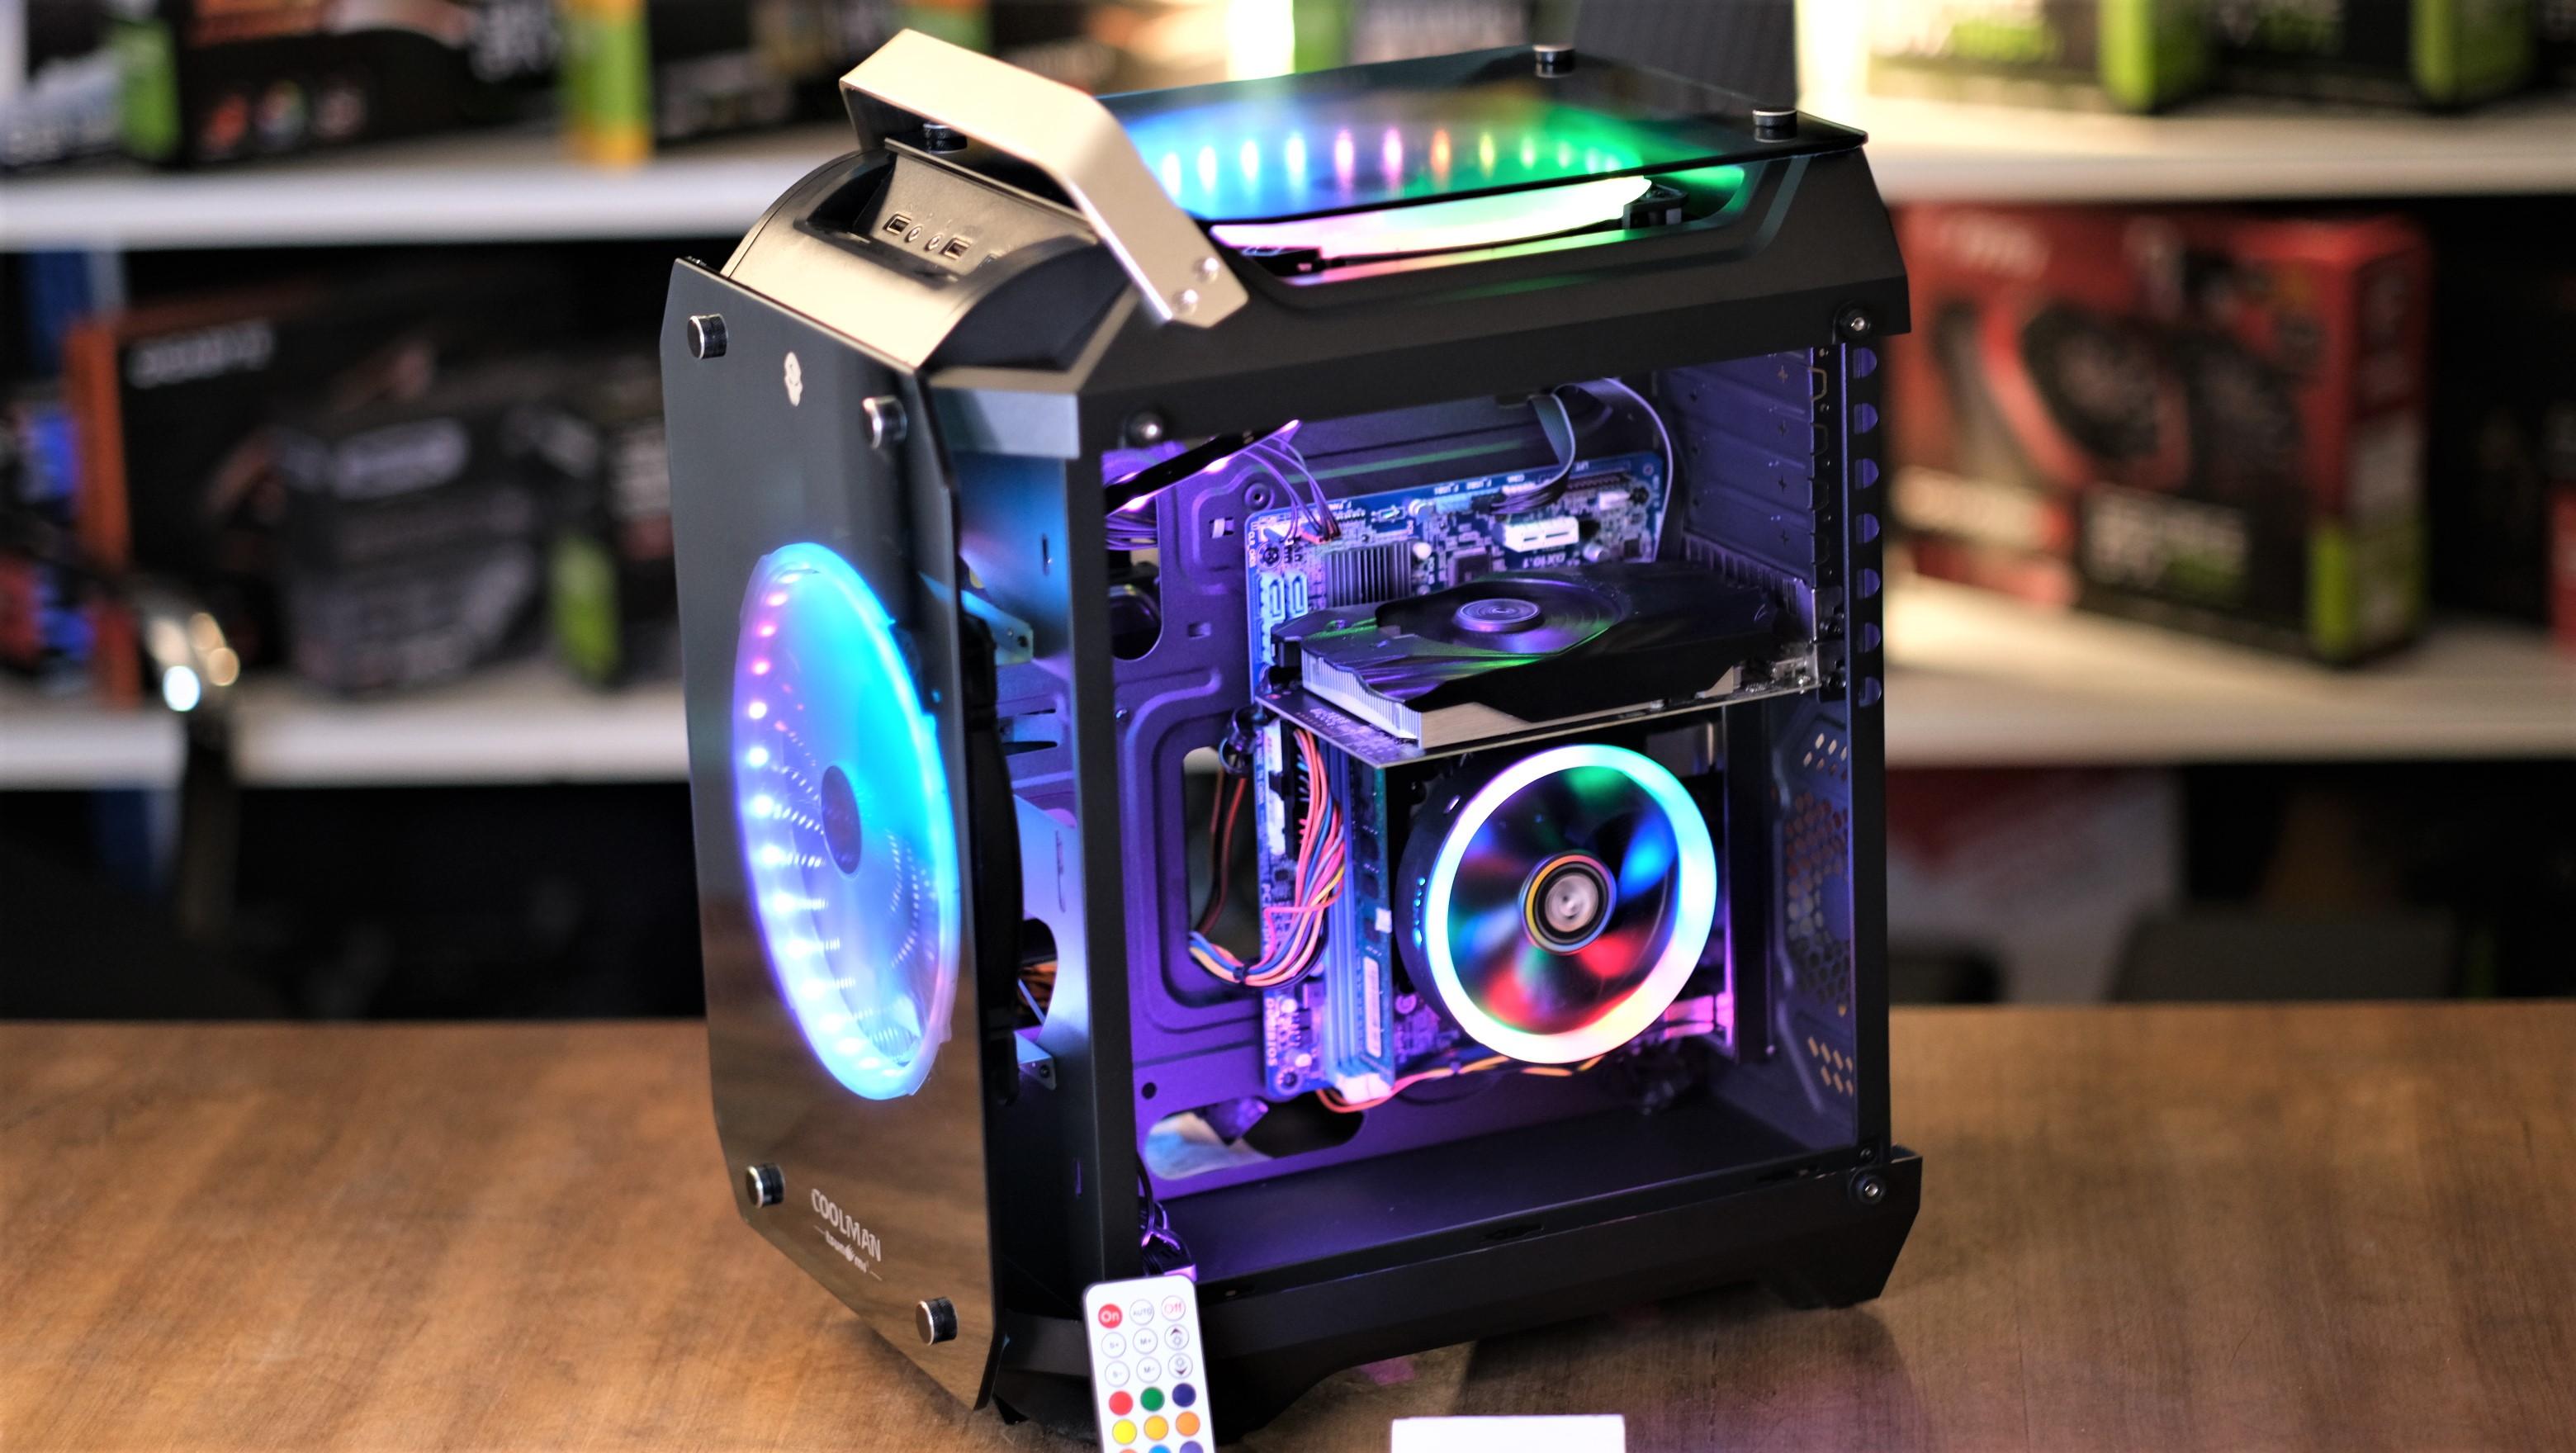 *ของใหม่* AMD RYZEN 7 1700 Turbo 3 7Ghz 8C 16T / 8GB DDR4 / RTX 2060 6GB /  HDD 1TB หรือ 240 GB